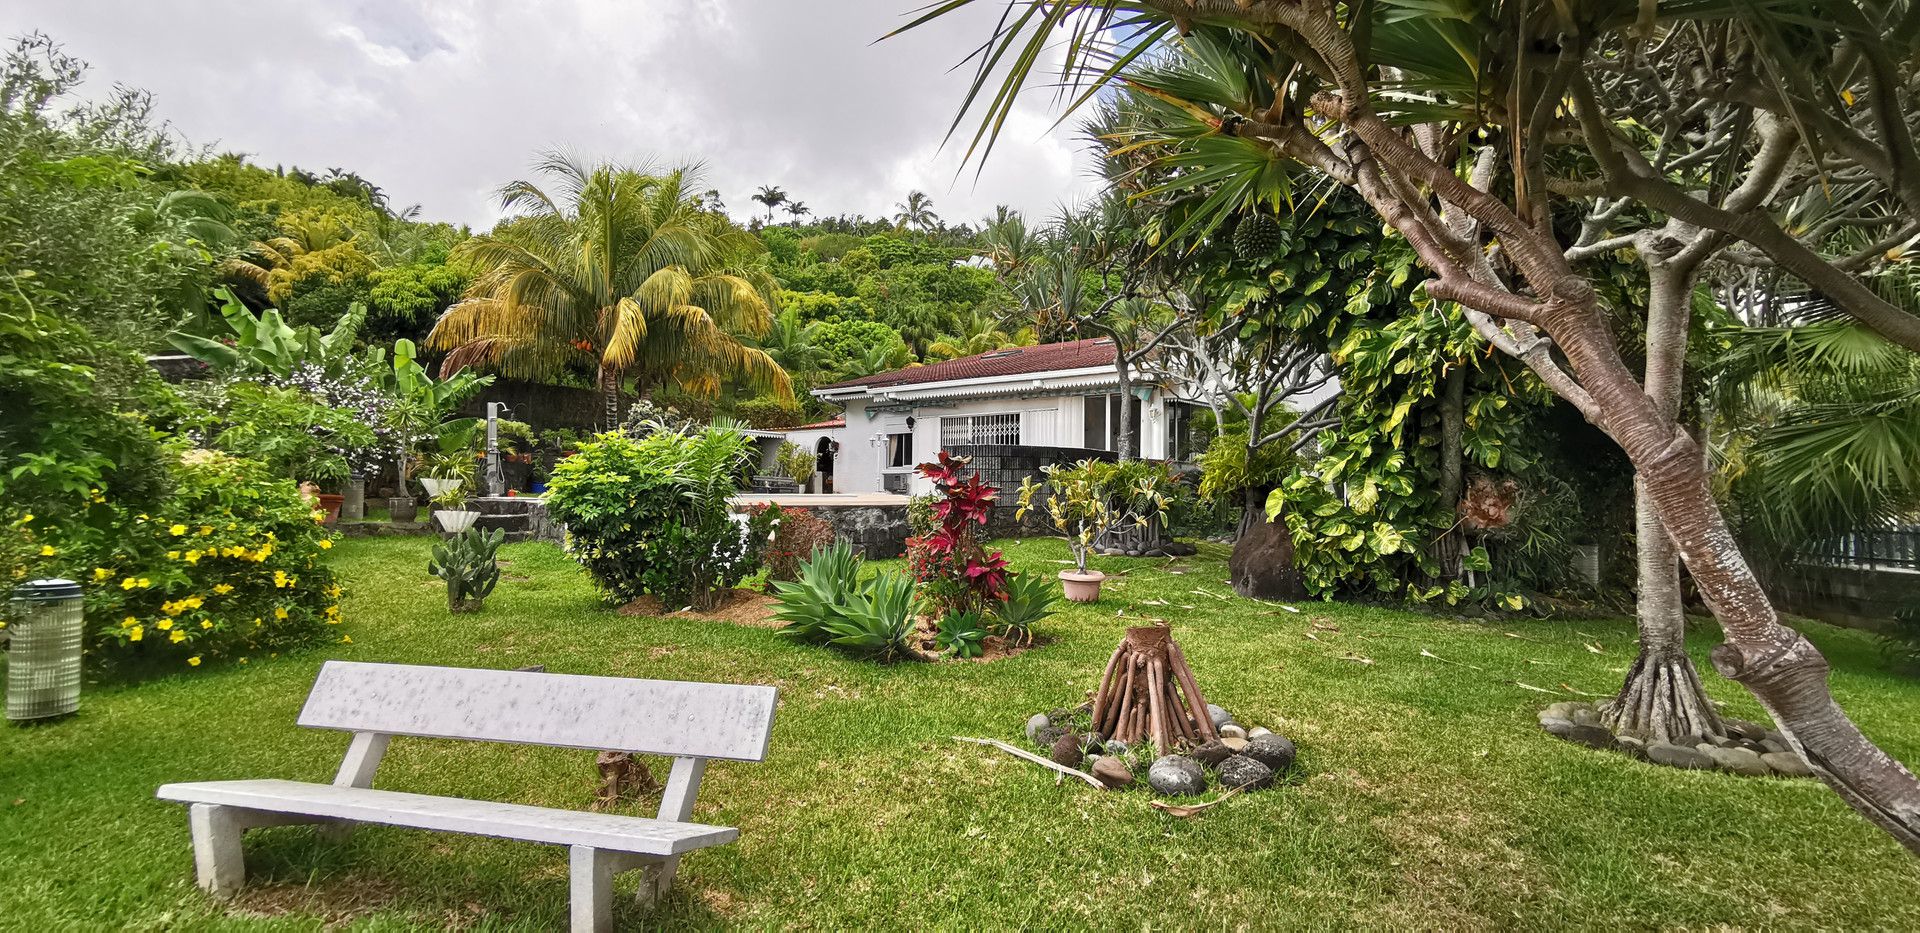 Vente Villa SAINT DENIS (Réunion), La Montagne 97417